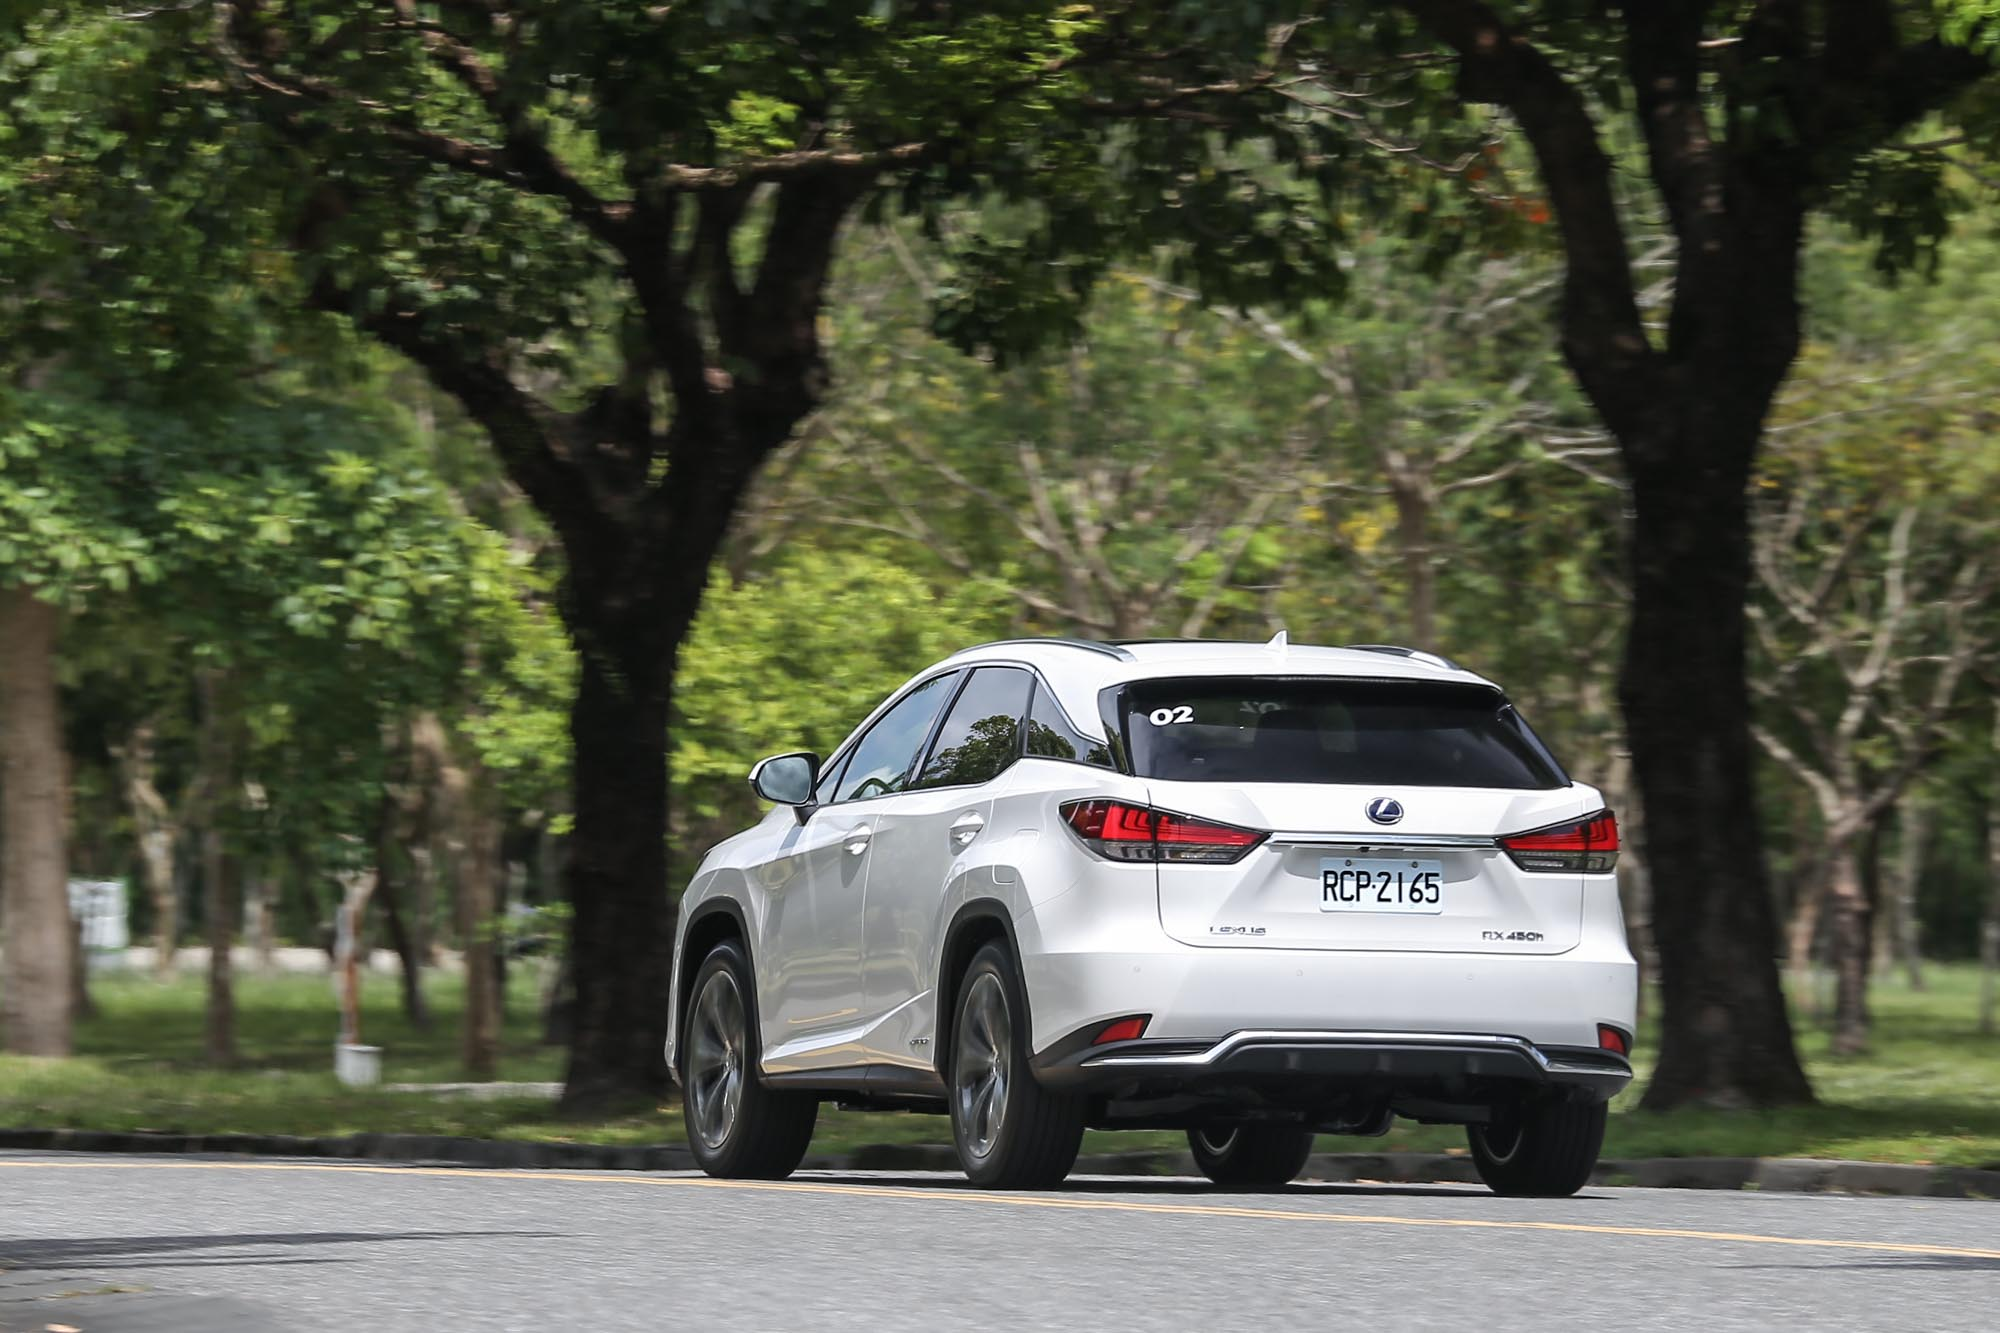 行路質感表現上於寧靜度最為出色,路面彈跳感稍為明顯,彎中車身側傾的幅度也顯示其為一款舒適導向的休旅車型。